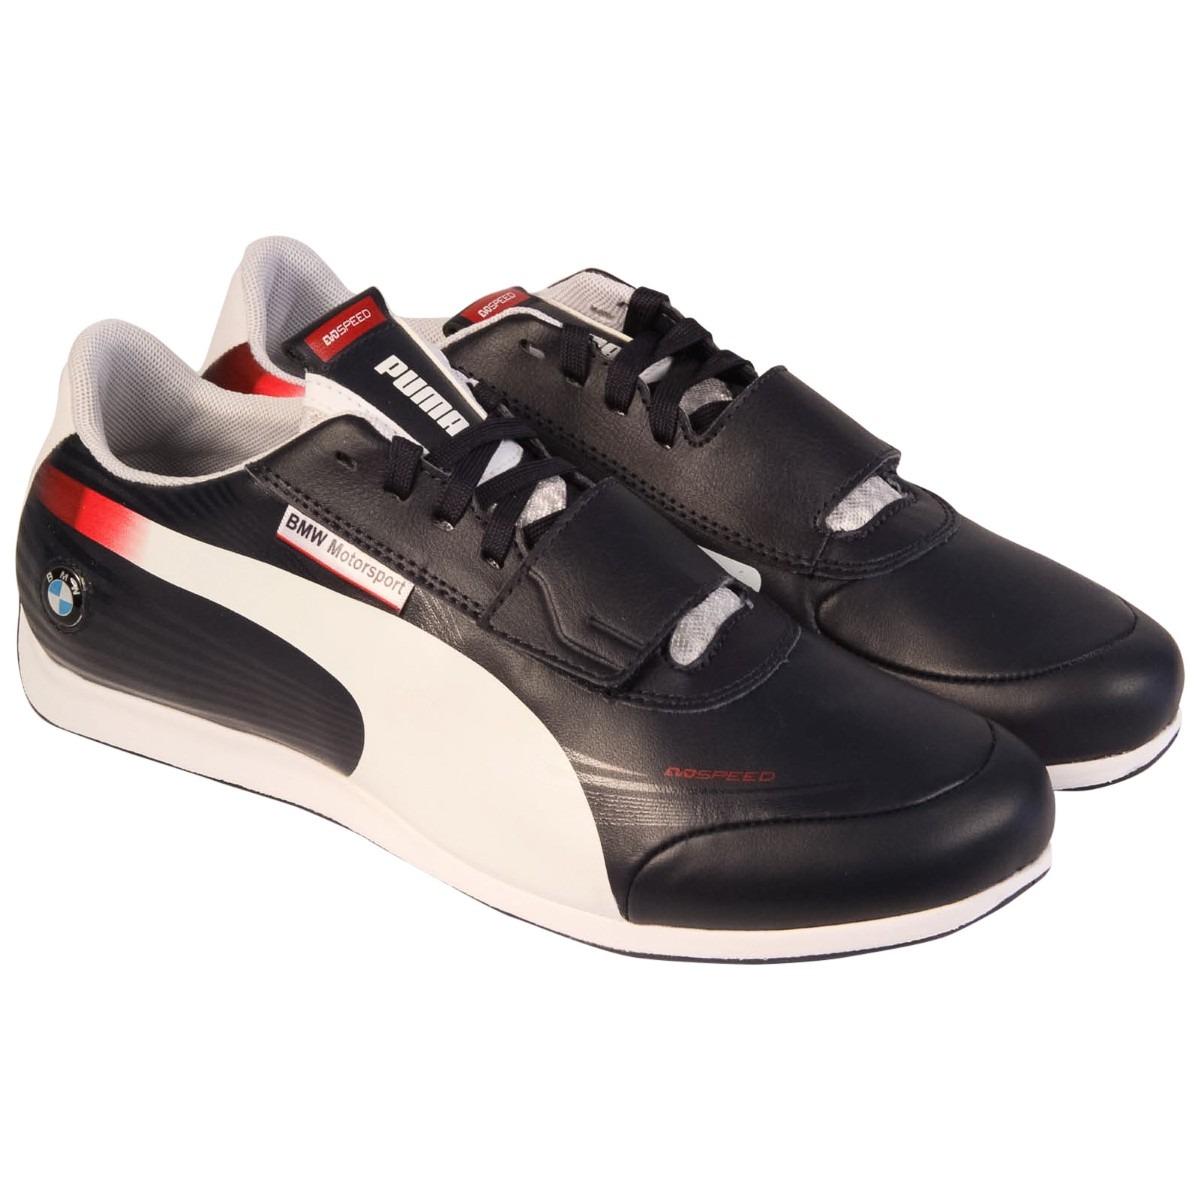 d5681b09394e comprar tenis puma bmw evospeed baratas